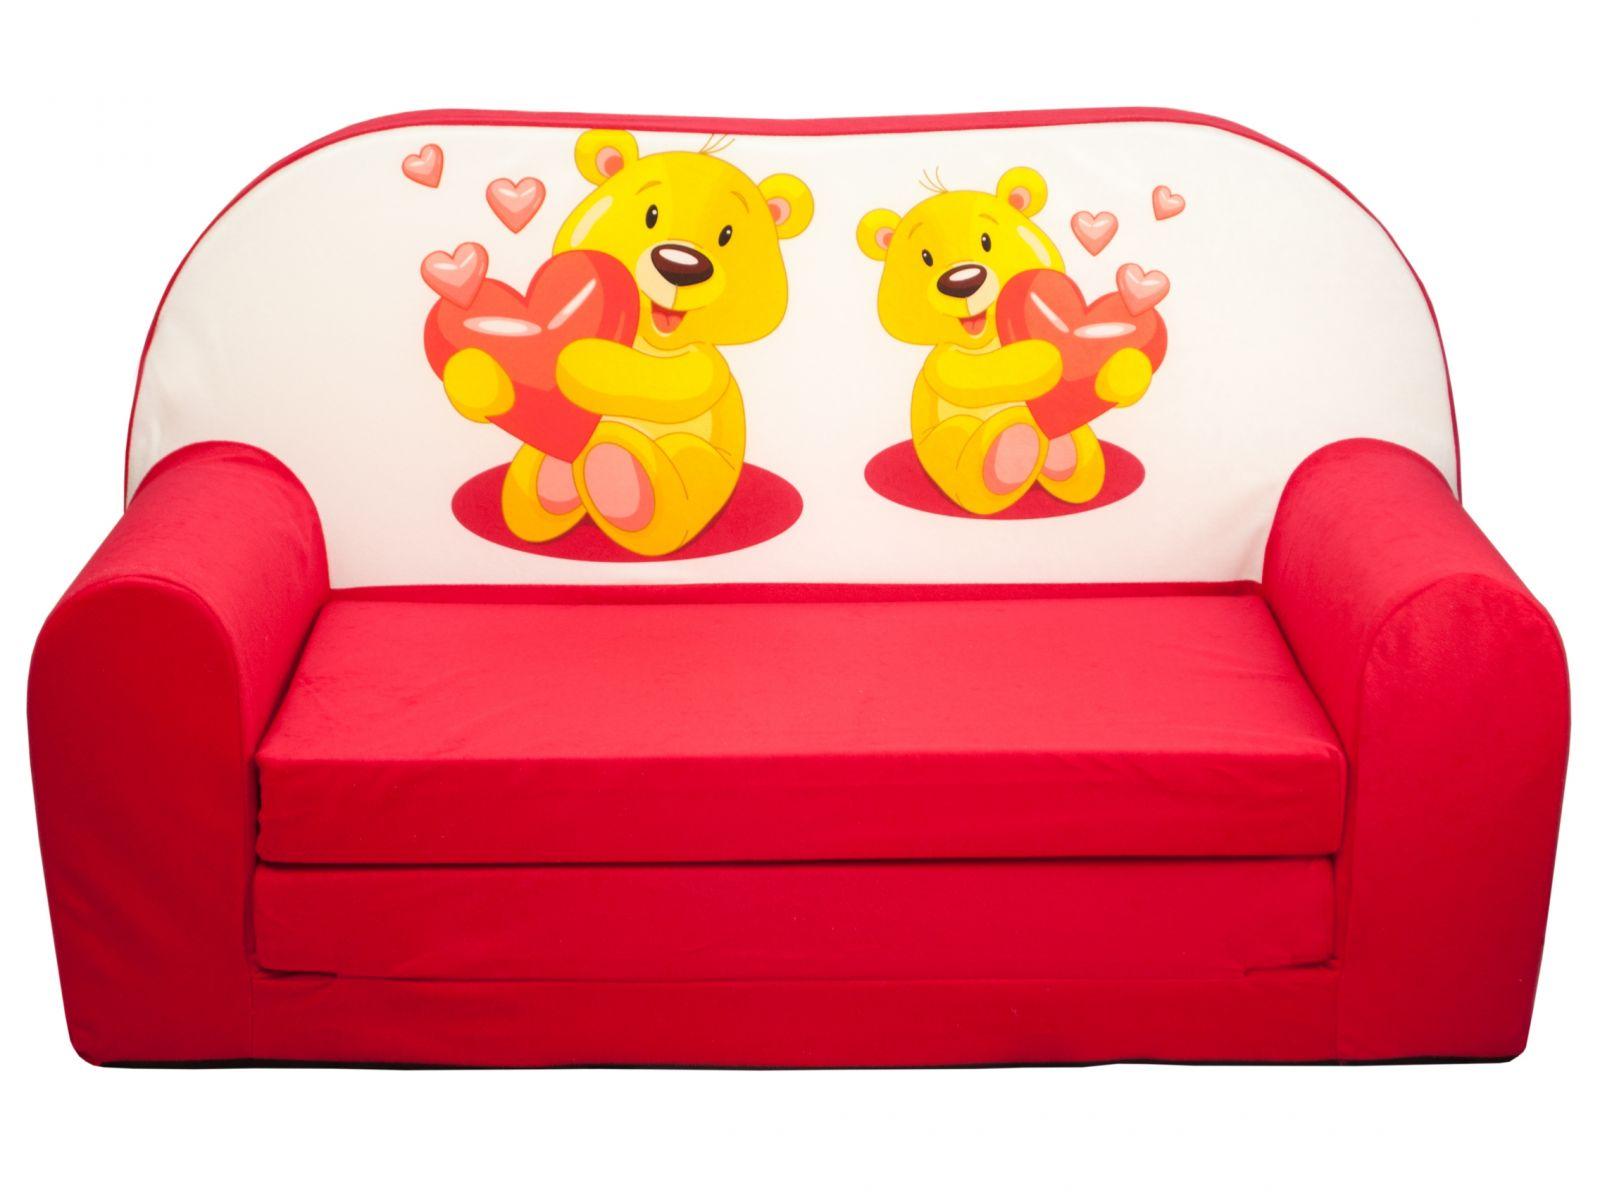 Fimex Dětská rozkládací mini pohovka Medvídci červená